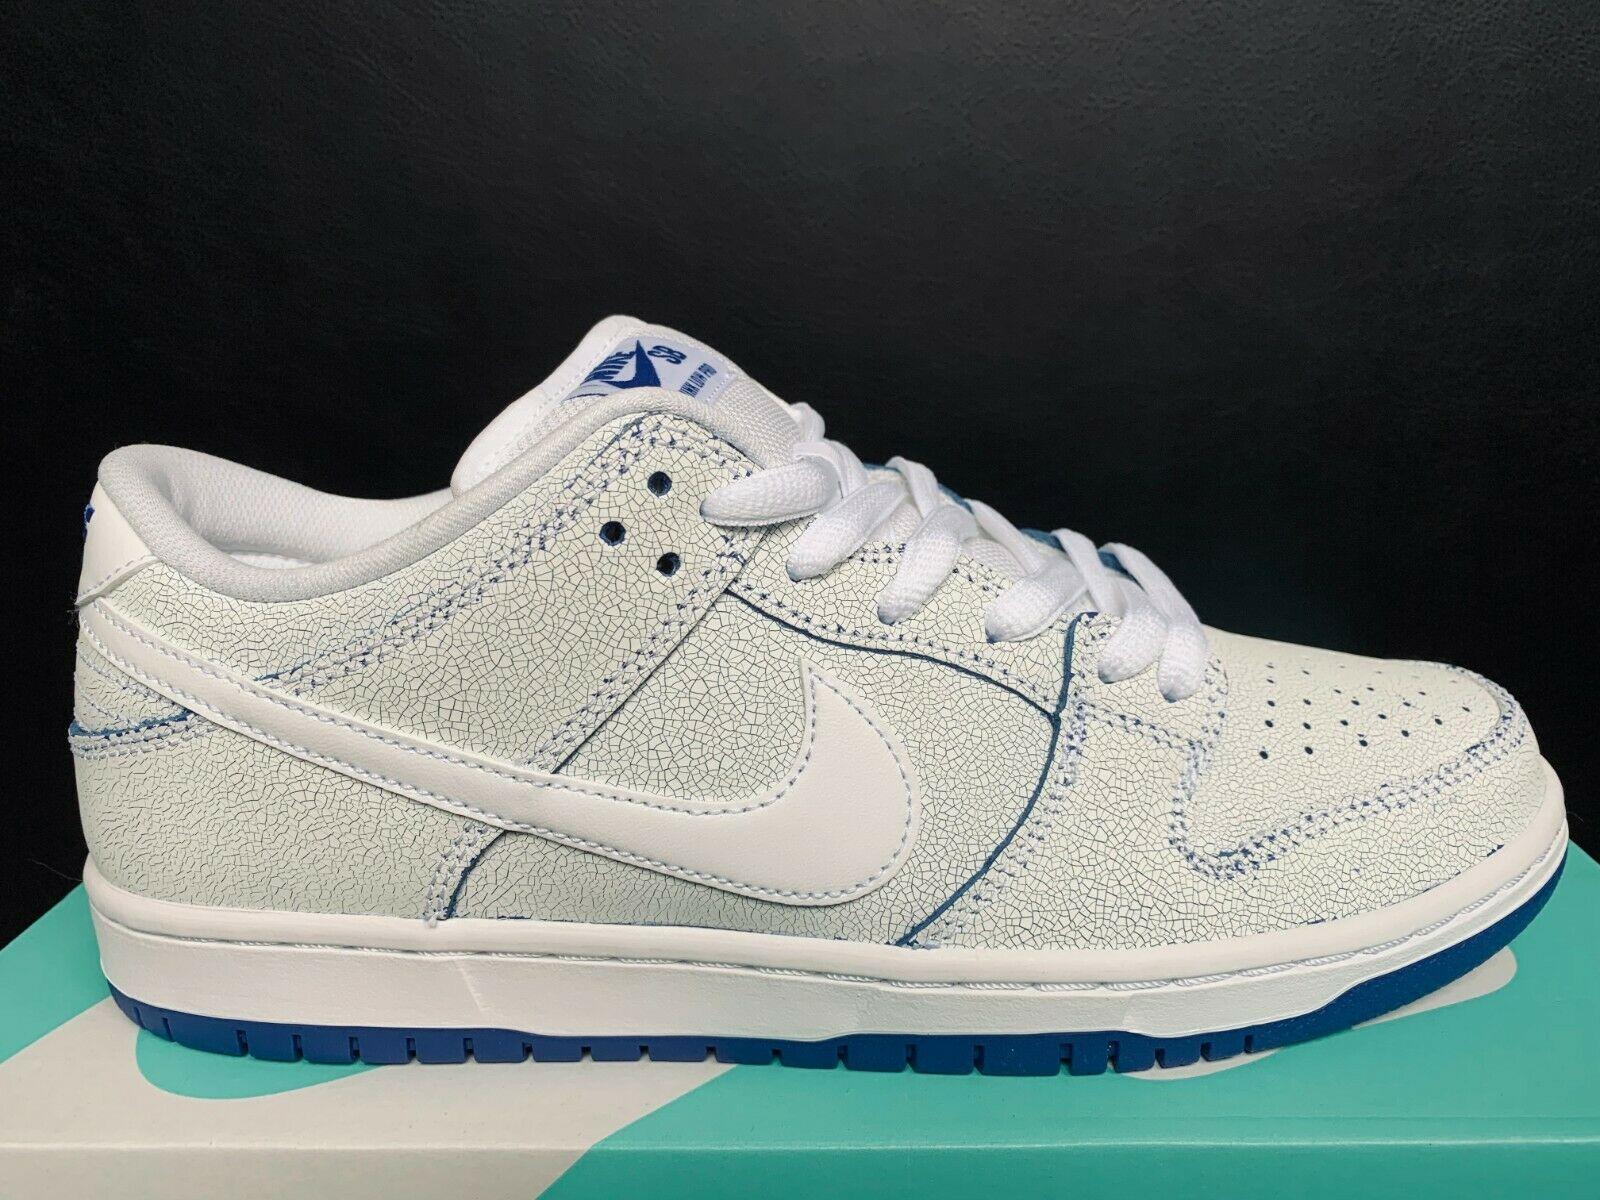 Nike SB Dunk Low Premium White Game Royal